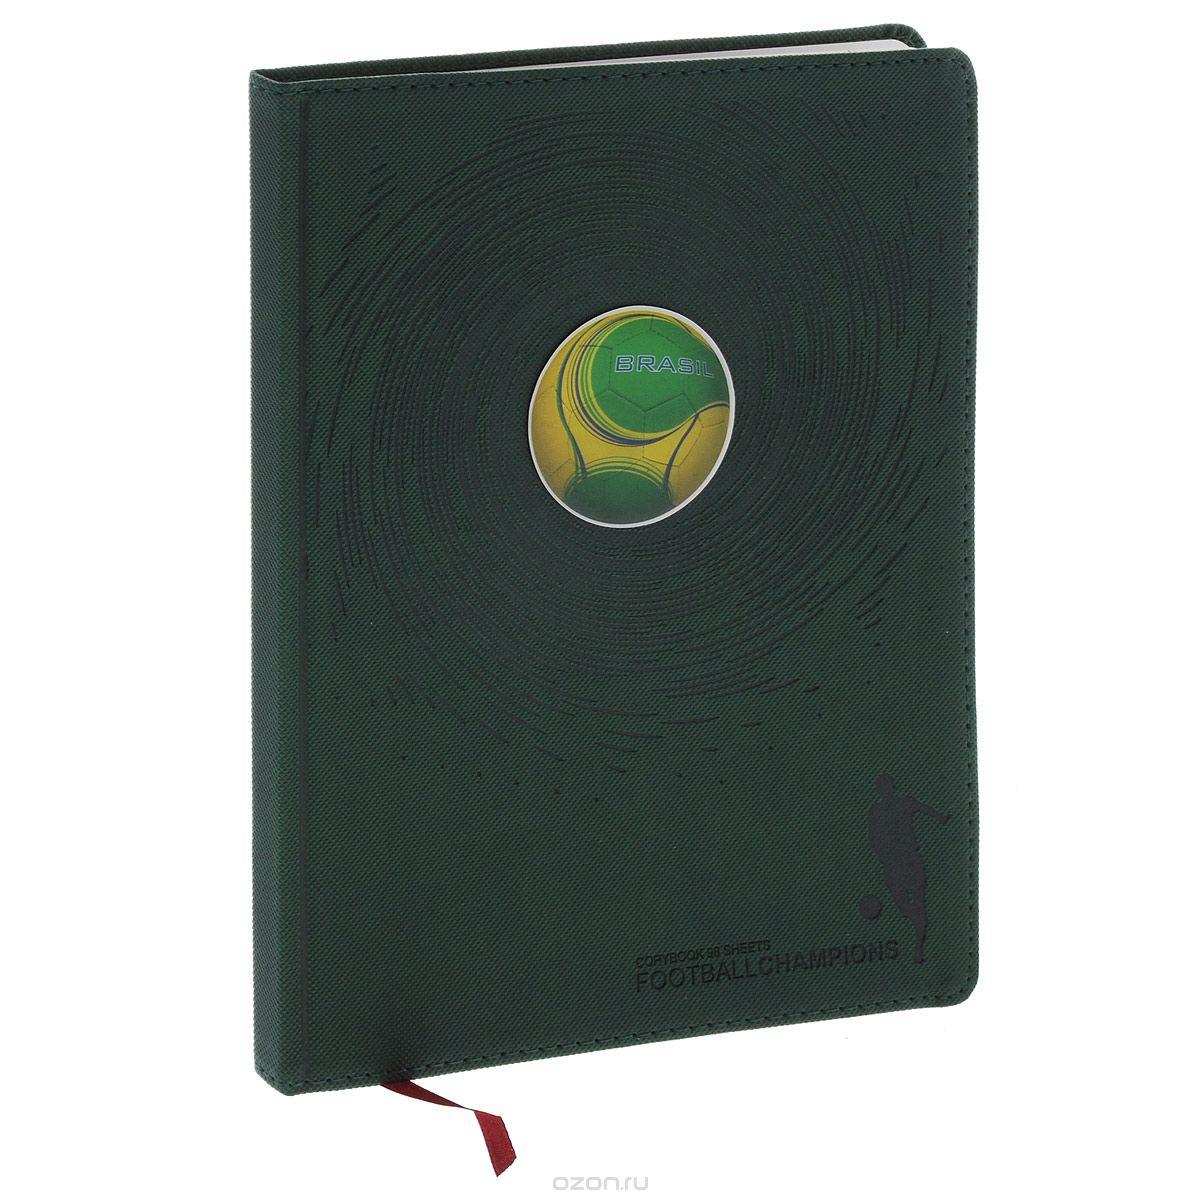 Тетрадь общая Футбольные мячи, цвет: зеленый, 96 листов. 7-96-8777-96-877Тетрадь в клетку Альт Футбольные мячи подойдет как студенту, так и школьнику. Гибкая, высокопрочная интегральная обложка с закругленными углами выполнена из итальянского переплетного материала и прошита по периметру. Цветная полимерная наклейка на обложке в виде футбольного мяча - оригинальная деталь оформления. Внутренний блок состоит из 192 страницдля записей с тонированной бежевой бумагой, дополнена полями для удобства размещения заметок. Тетрадь имеет ляссе и блок для заполнения личных данных.